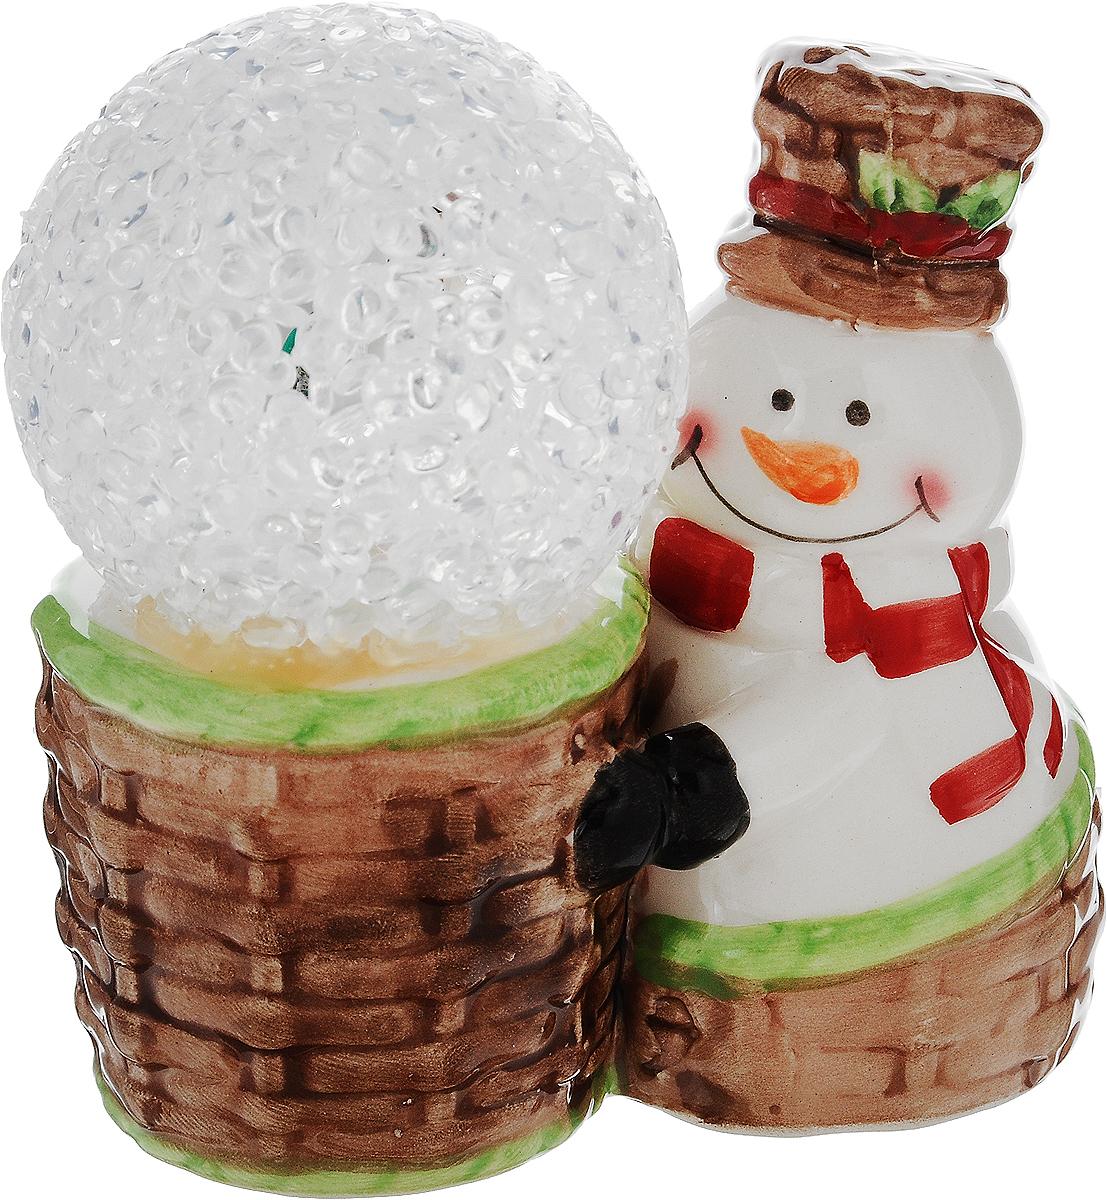 Фигурка декоративная House & Holder Снеговик, с подсветкой, высота 9,5 см6042Фигурка декоративная House & Holder Снеговик, выполненная из керамики, станет оригинальным подарком для всех любителей необычных вещей. Изделие работает от батареек типа LR44 (входят в комплект). Изысканный сувенир станет прекрасным дополнением к интерьеру. Вы можете поставить фигурку в любом месте, где она будет удачно смотреться и радовать глаз.Высота фигурки: 9,5 см.Диаметр шара: 5 см.